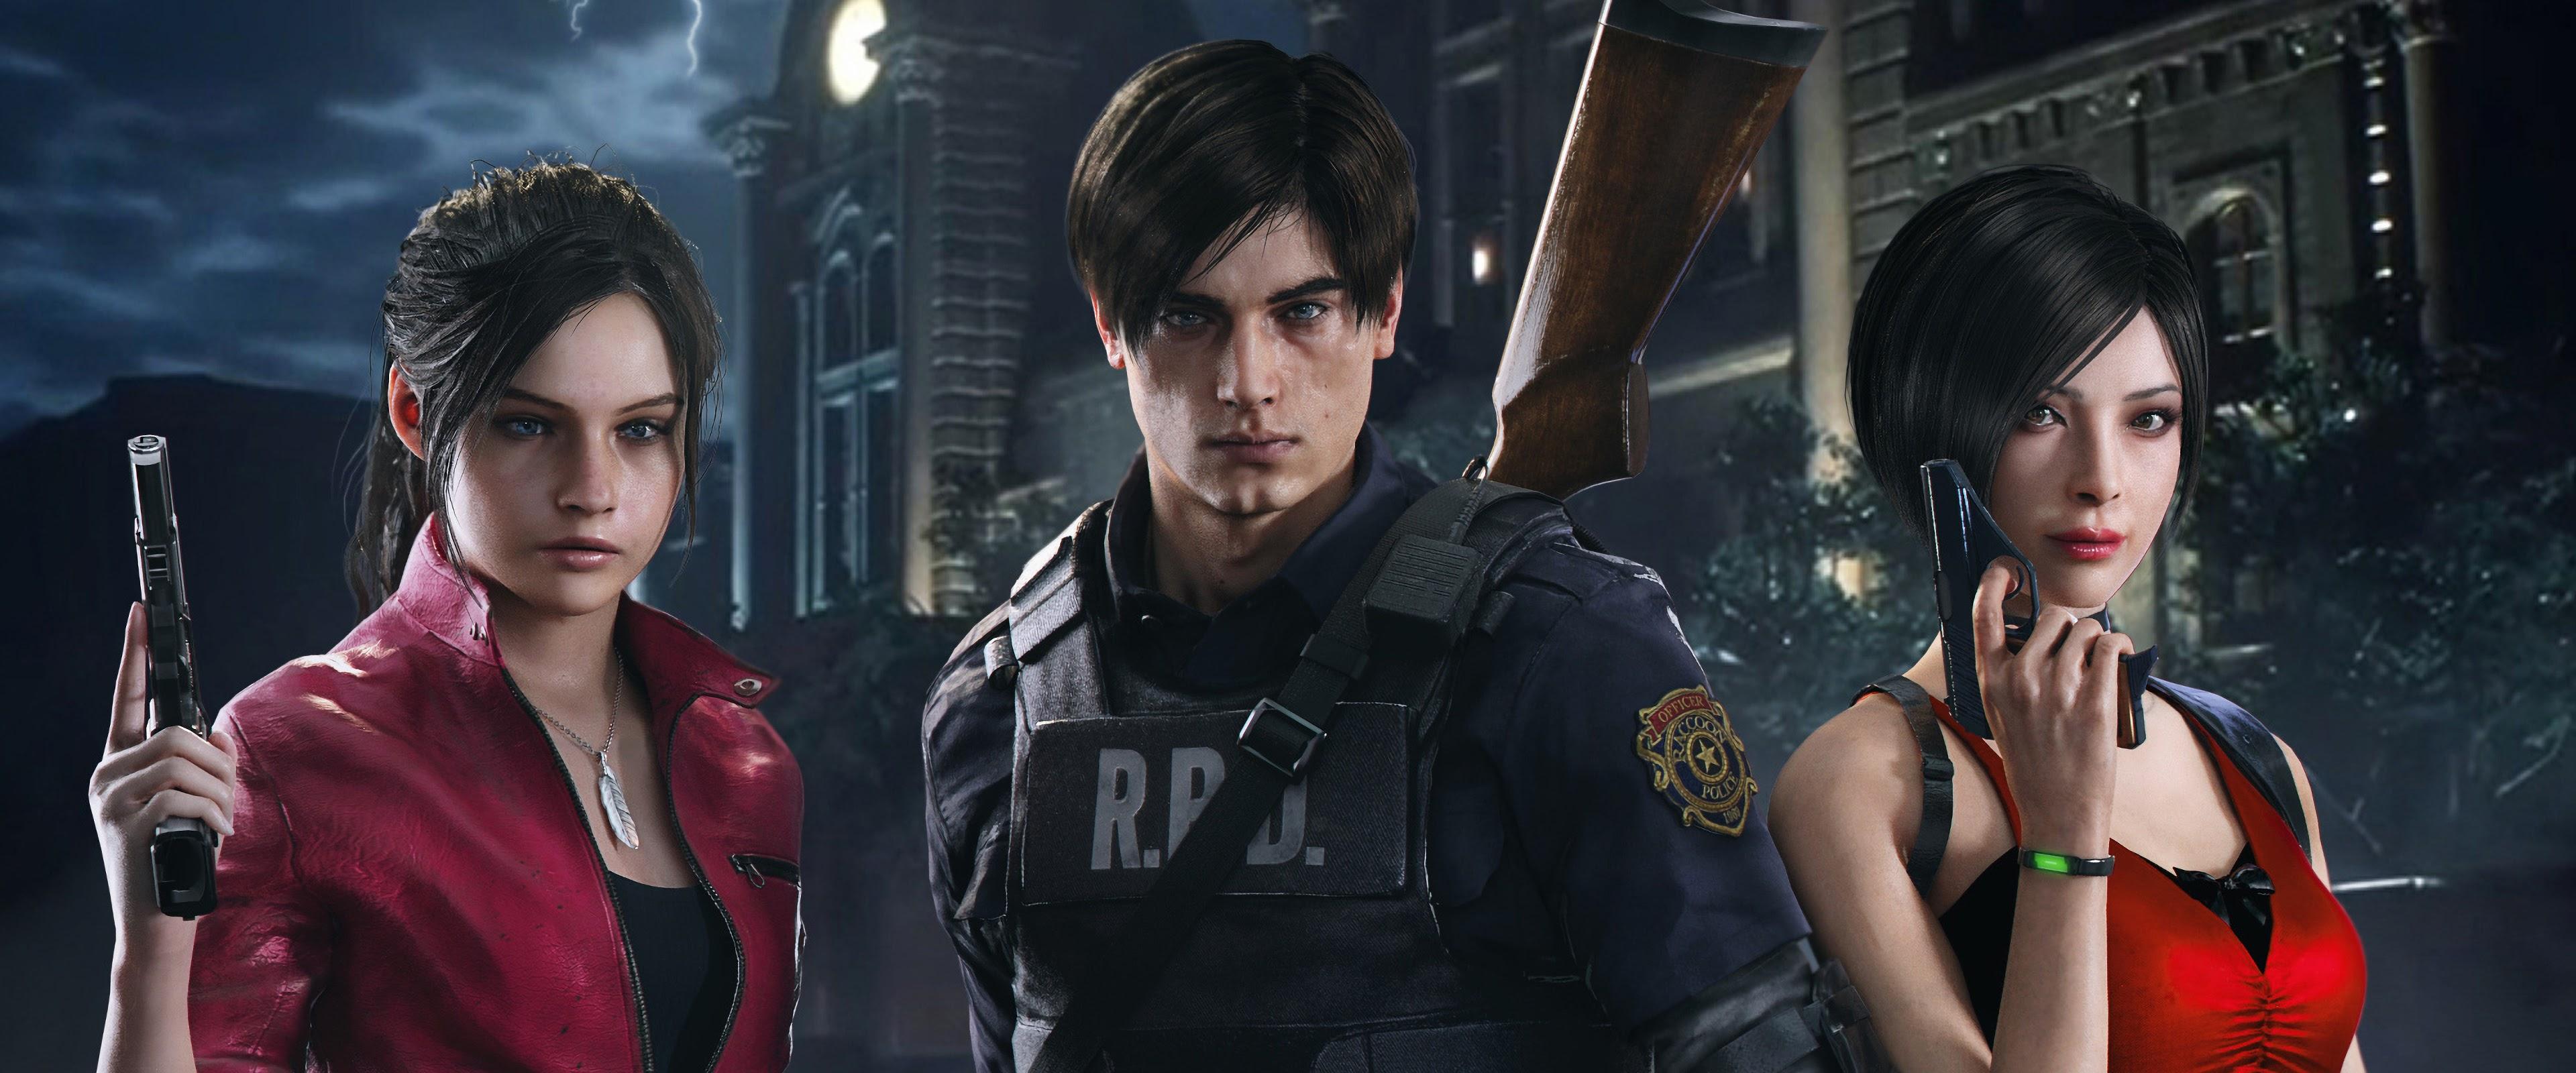 Resident Evil 2 Characters 4k Wallpaper 15